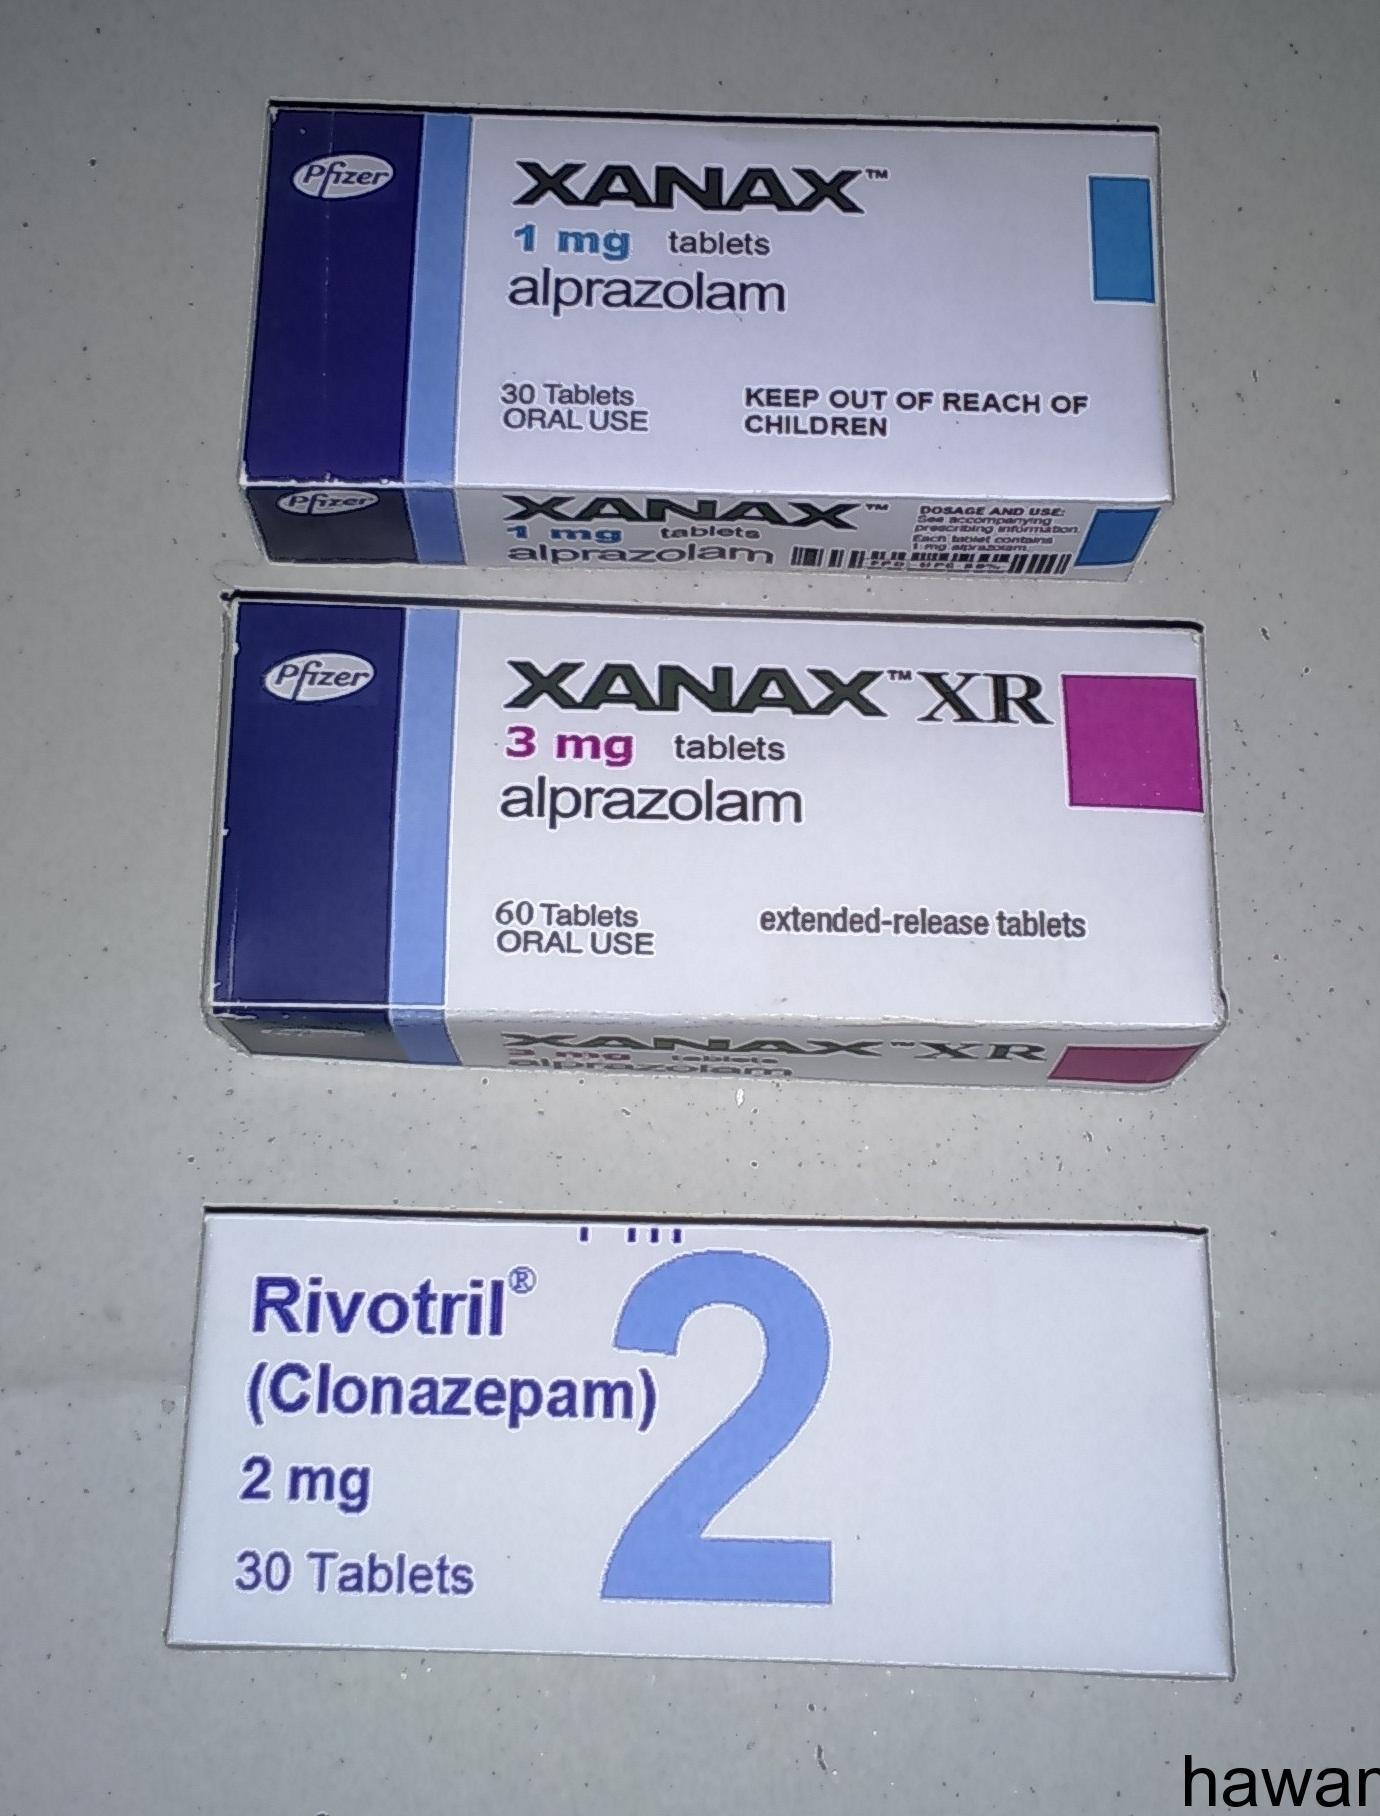 دواء xanax ودواء Rivotril ؟؟؟؟؟؟؟؟؟؟؟؟